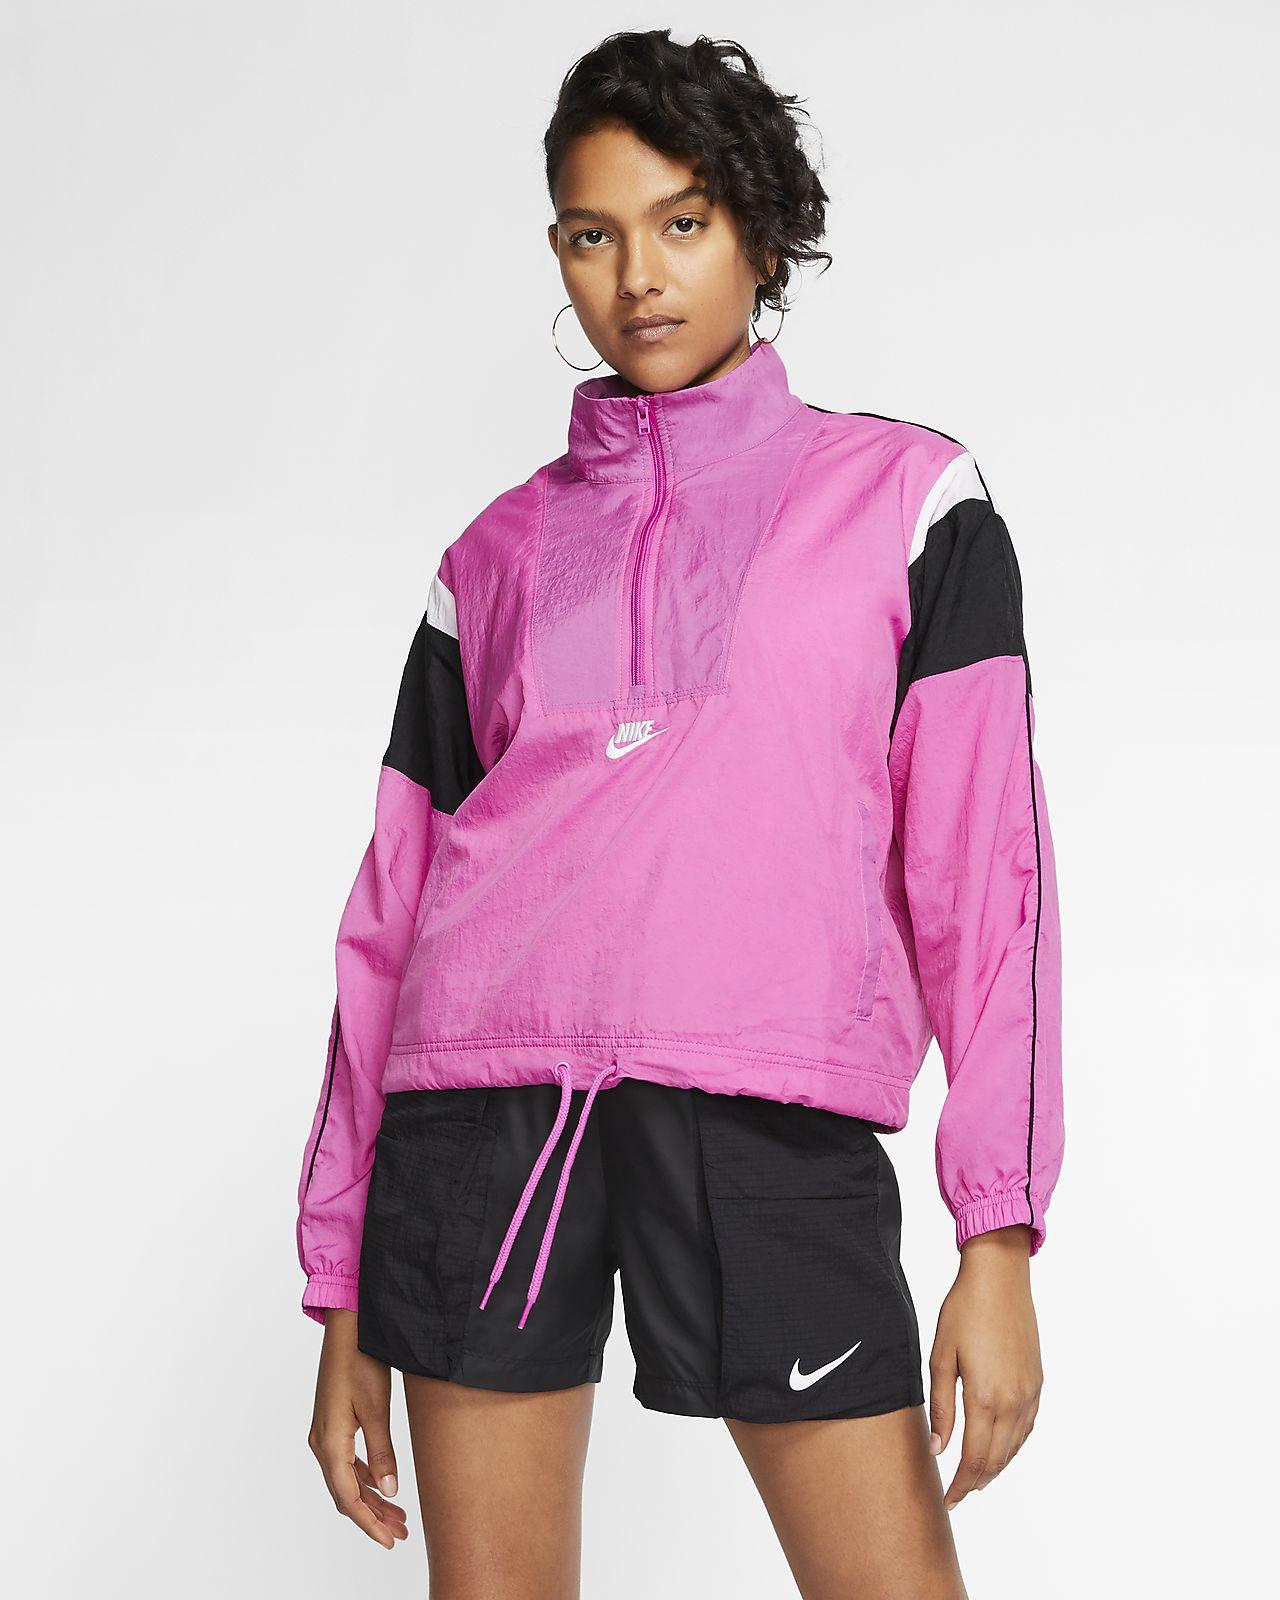 Nike Sportswear Heritage Women's Woven Jacket